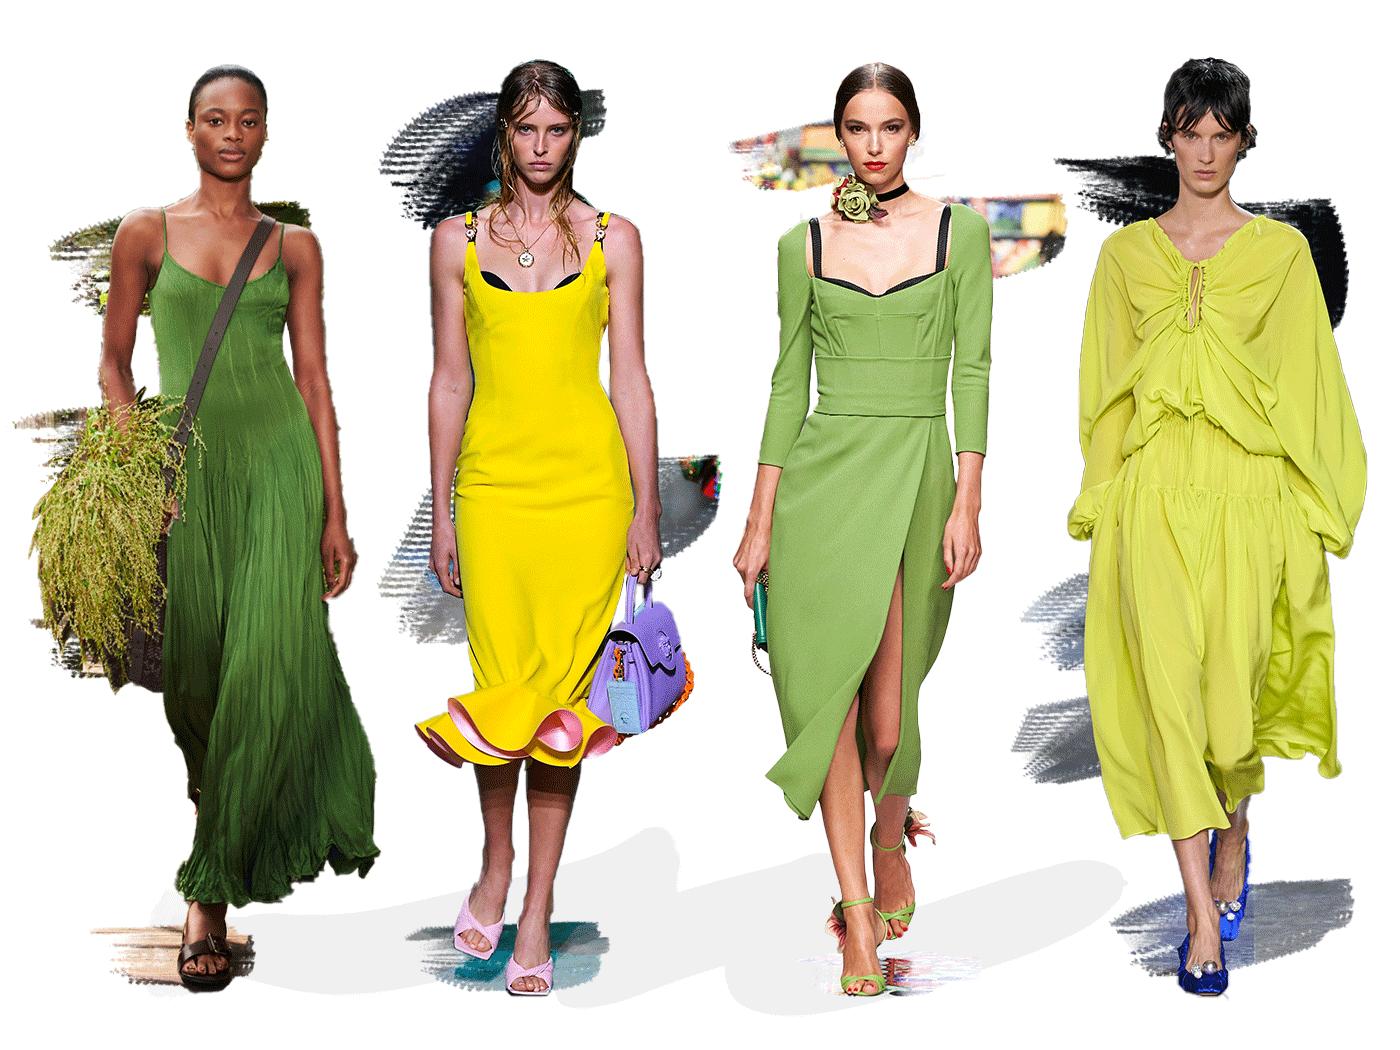 Colorful! Πως να φορέσεις τα πιο δυνατά χρώματα της σεζόν